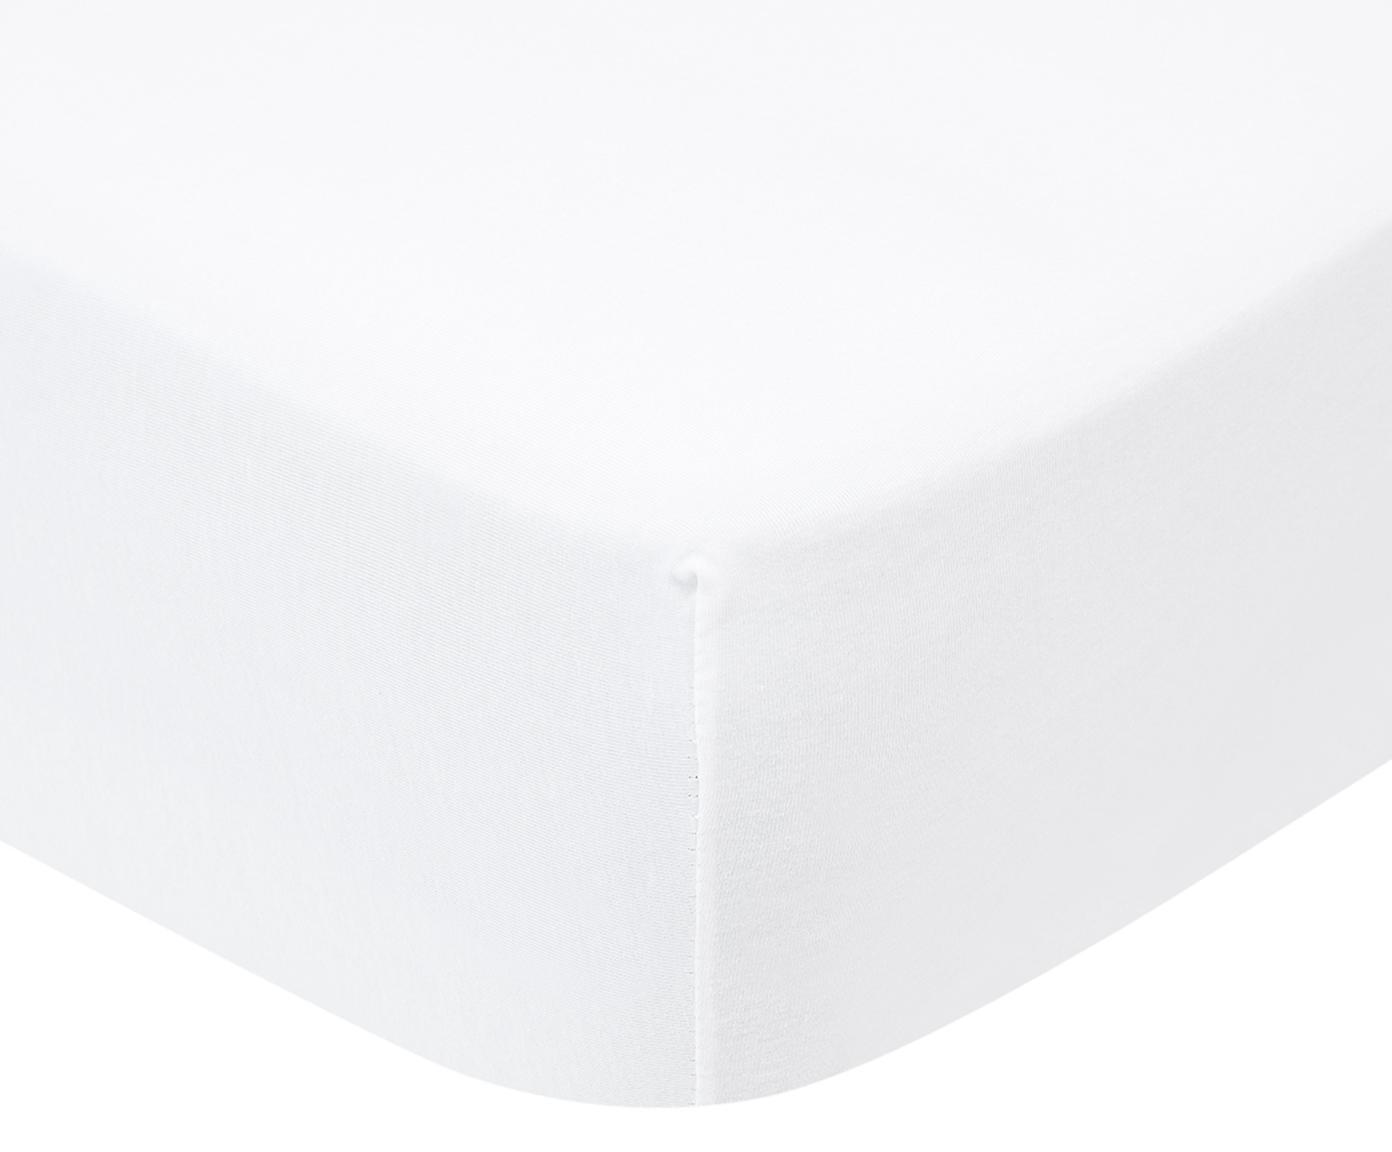 Spannbettlaken Lara, Jersey-Elasthan, 95% Baumwolle, 5% Elasthan, Weiß, 90 x 200 cm